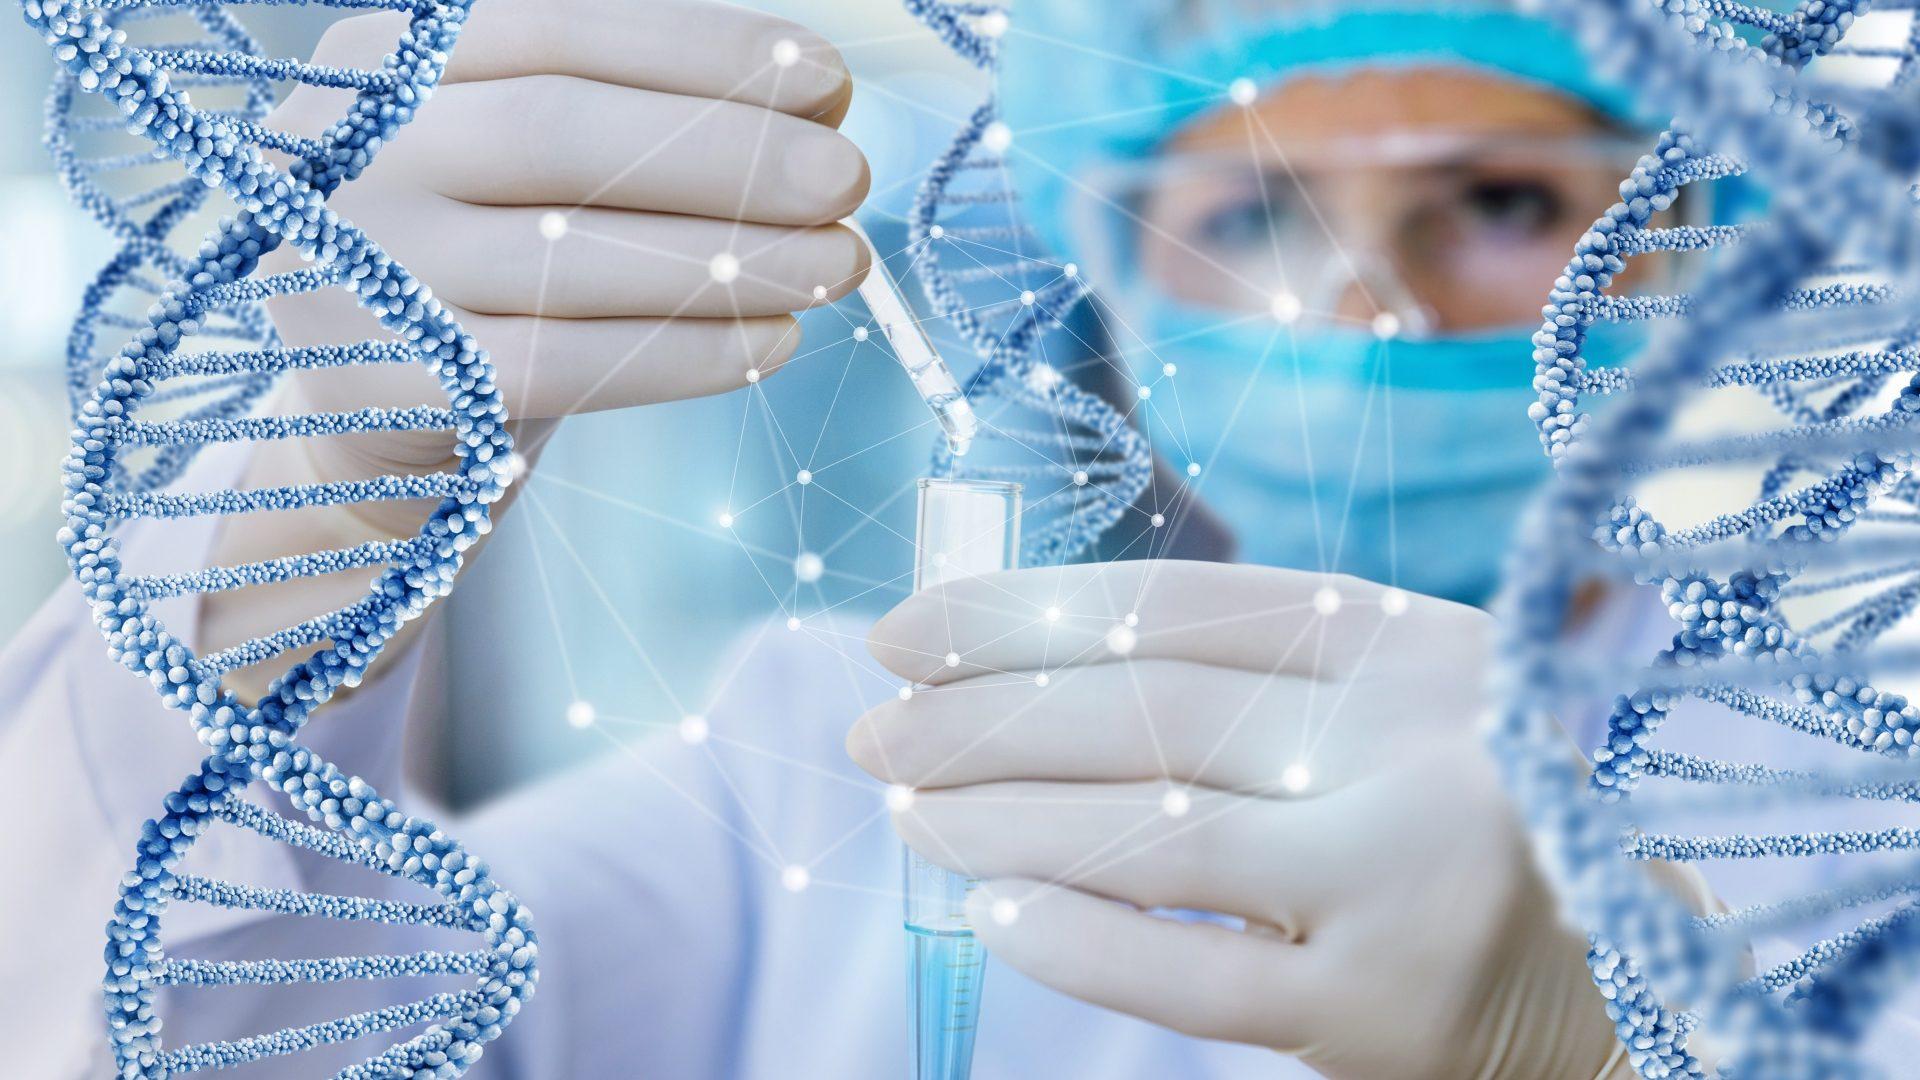 Νέα γενετική ανάλυση βελτιώνει τη διάγνωση της γνωστικής έκπτωσης